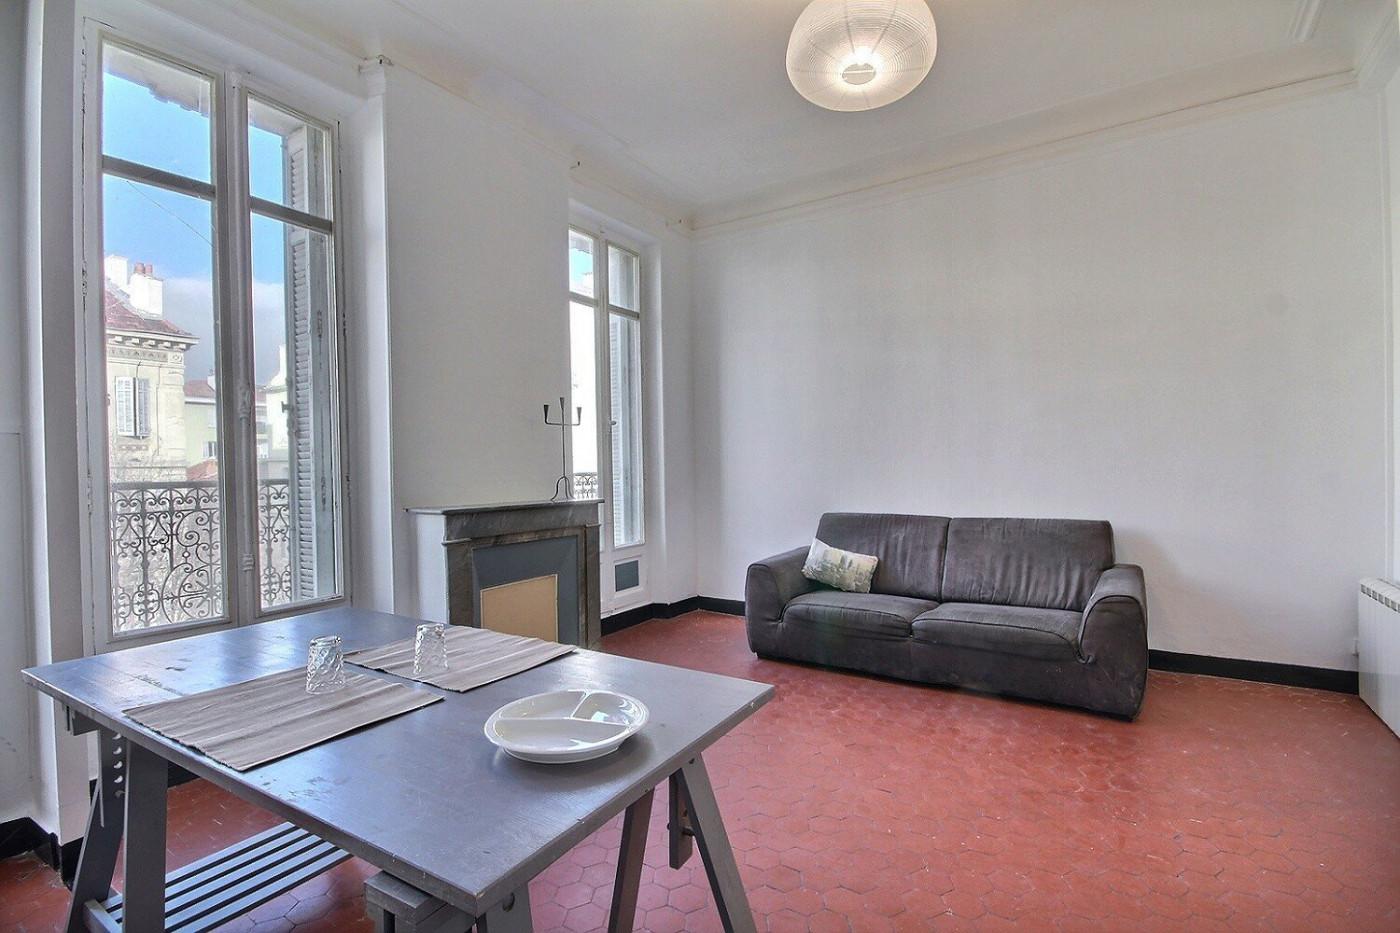 A vendre  Marseille 5eme Arrondissement | Réf 130251020 - J daher immobilier